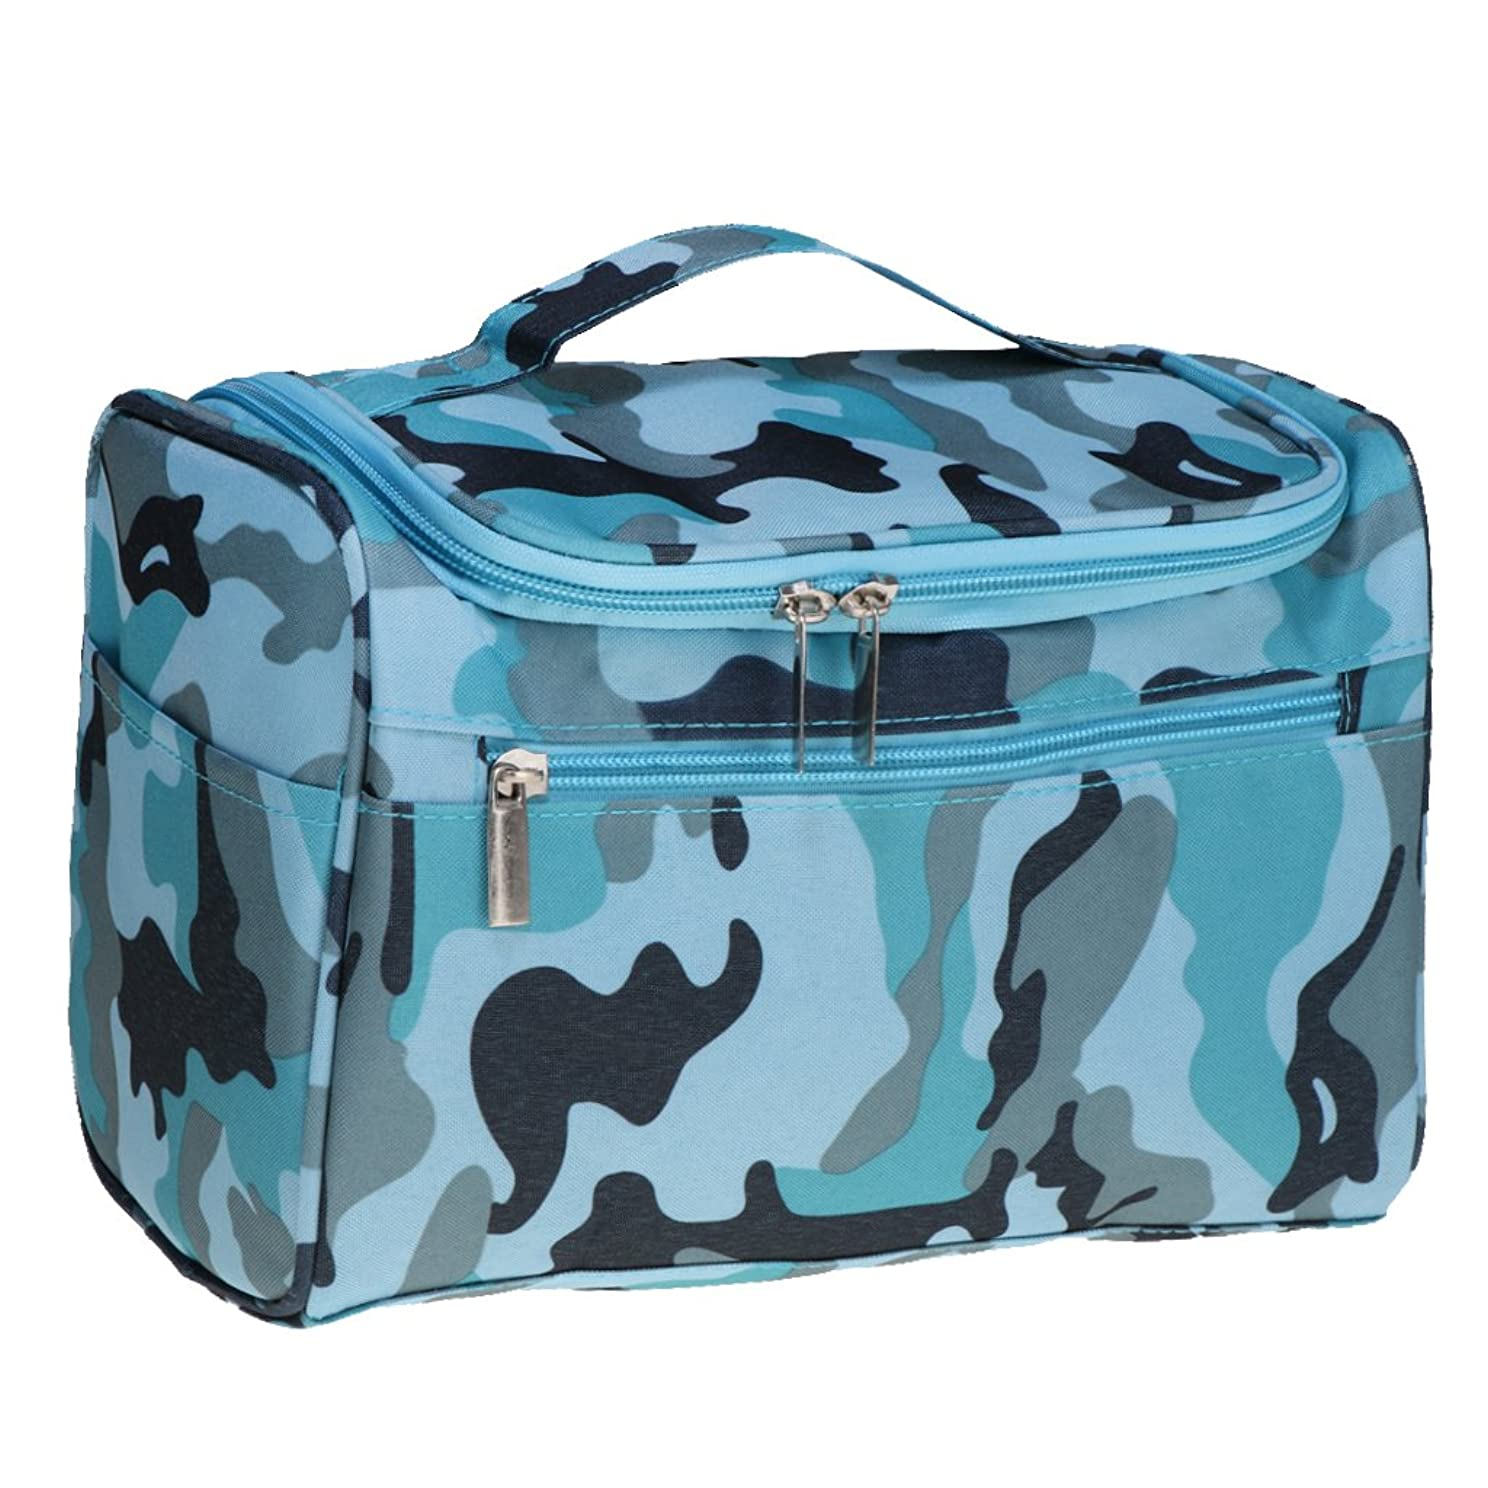 価格にじみ出る動的Homyl 大容量 洗濯バッグ 化粧品袋 メーキャップ 化粧品 収納袋 実用的 二重目的 トイレタリーバッグ 多種選べる - #9